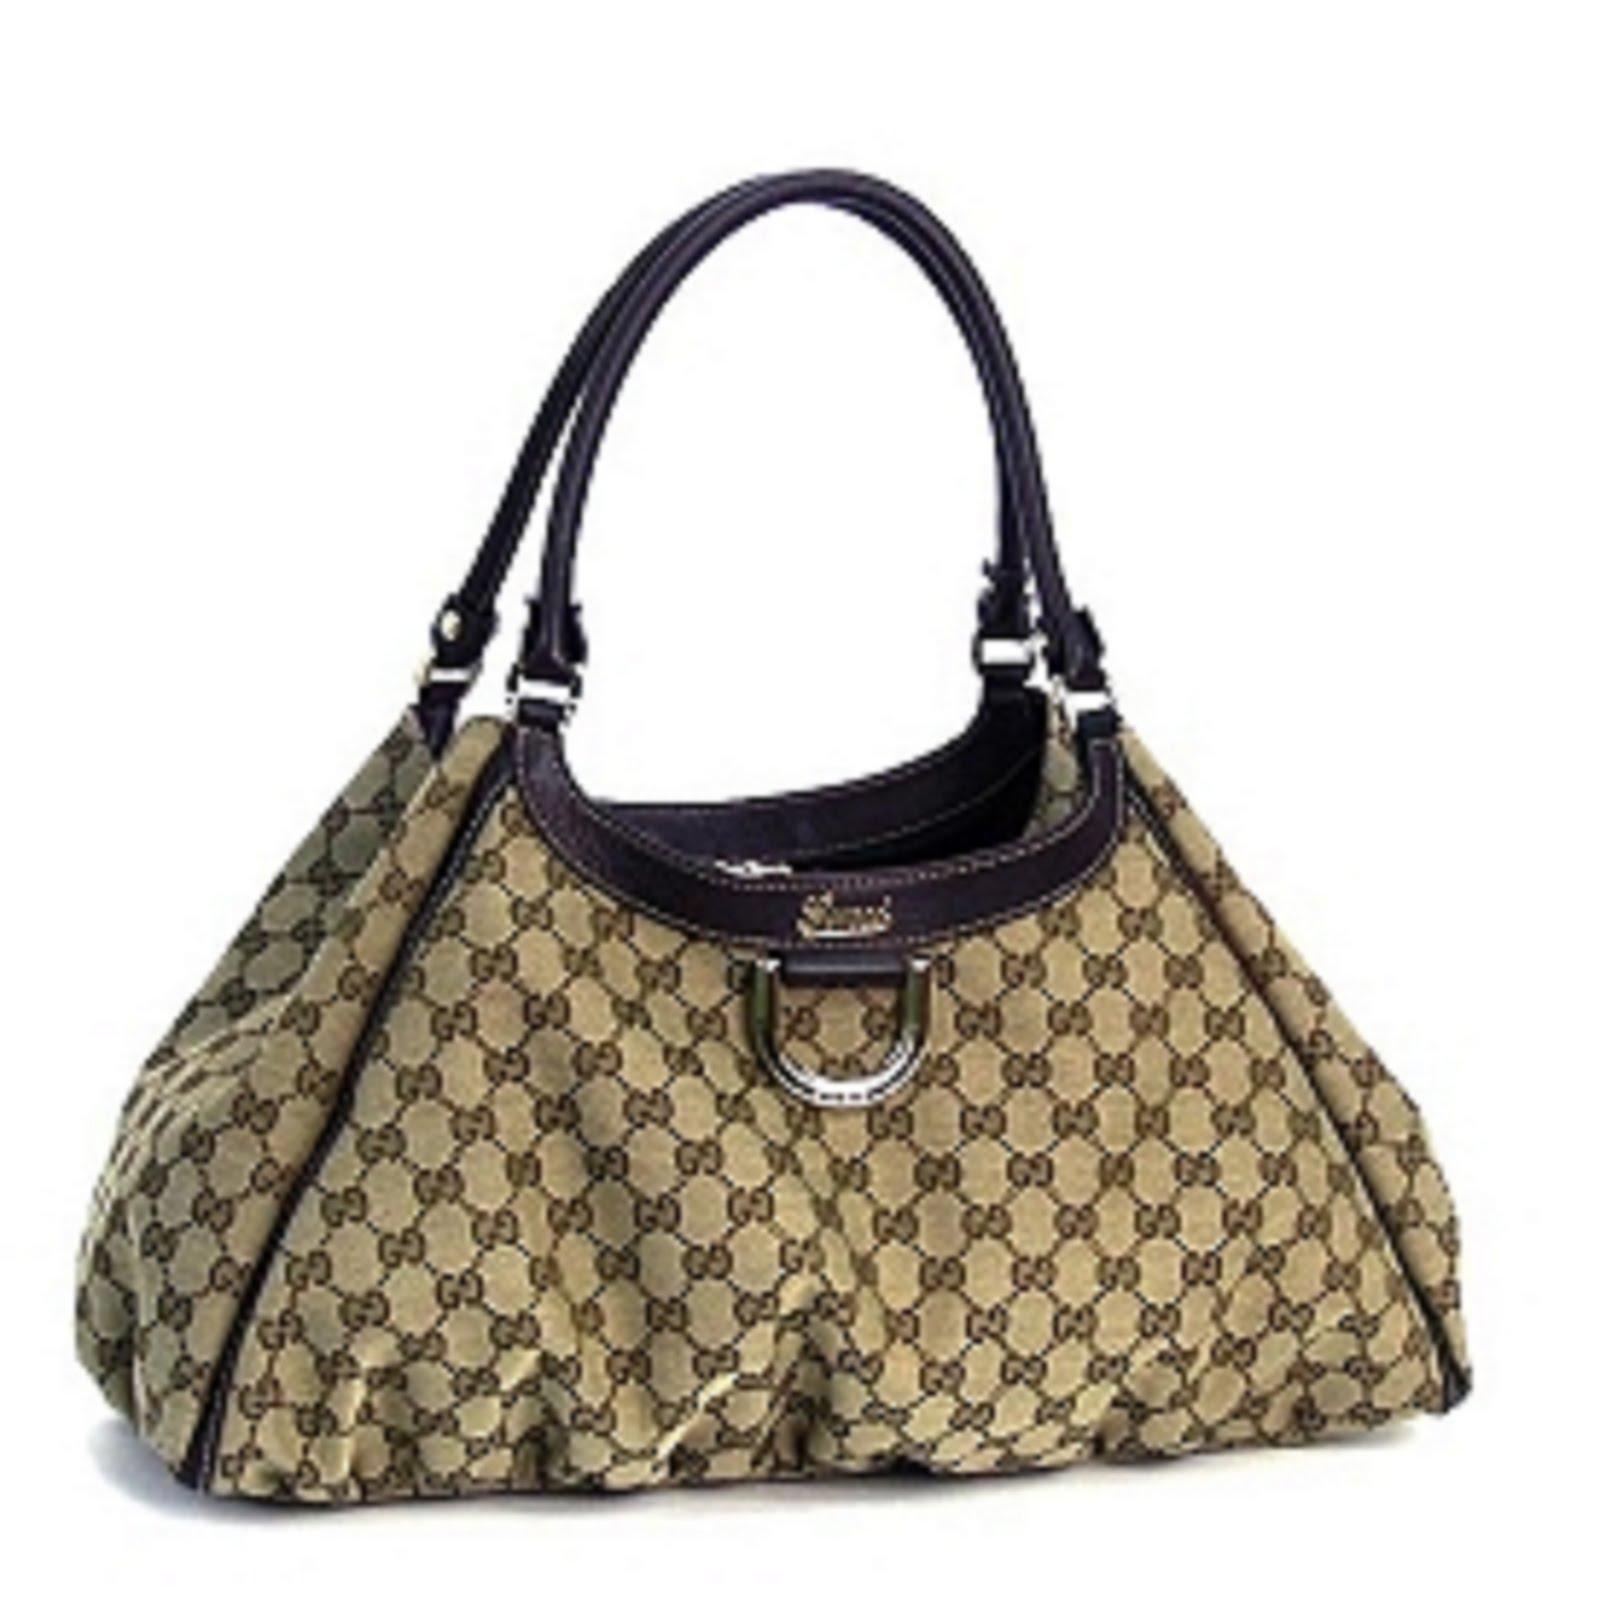 d6548cf4980a Gucci Beige Brown Large D Gold Shoulder Bag.